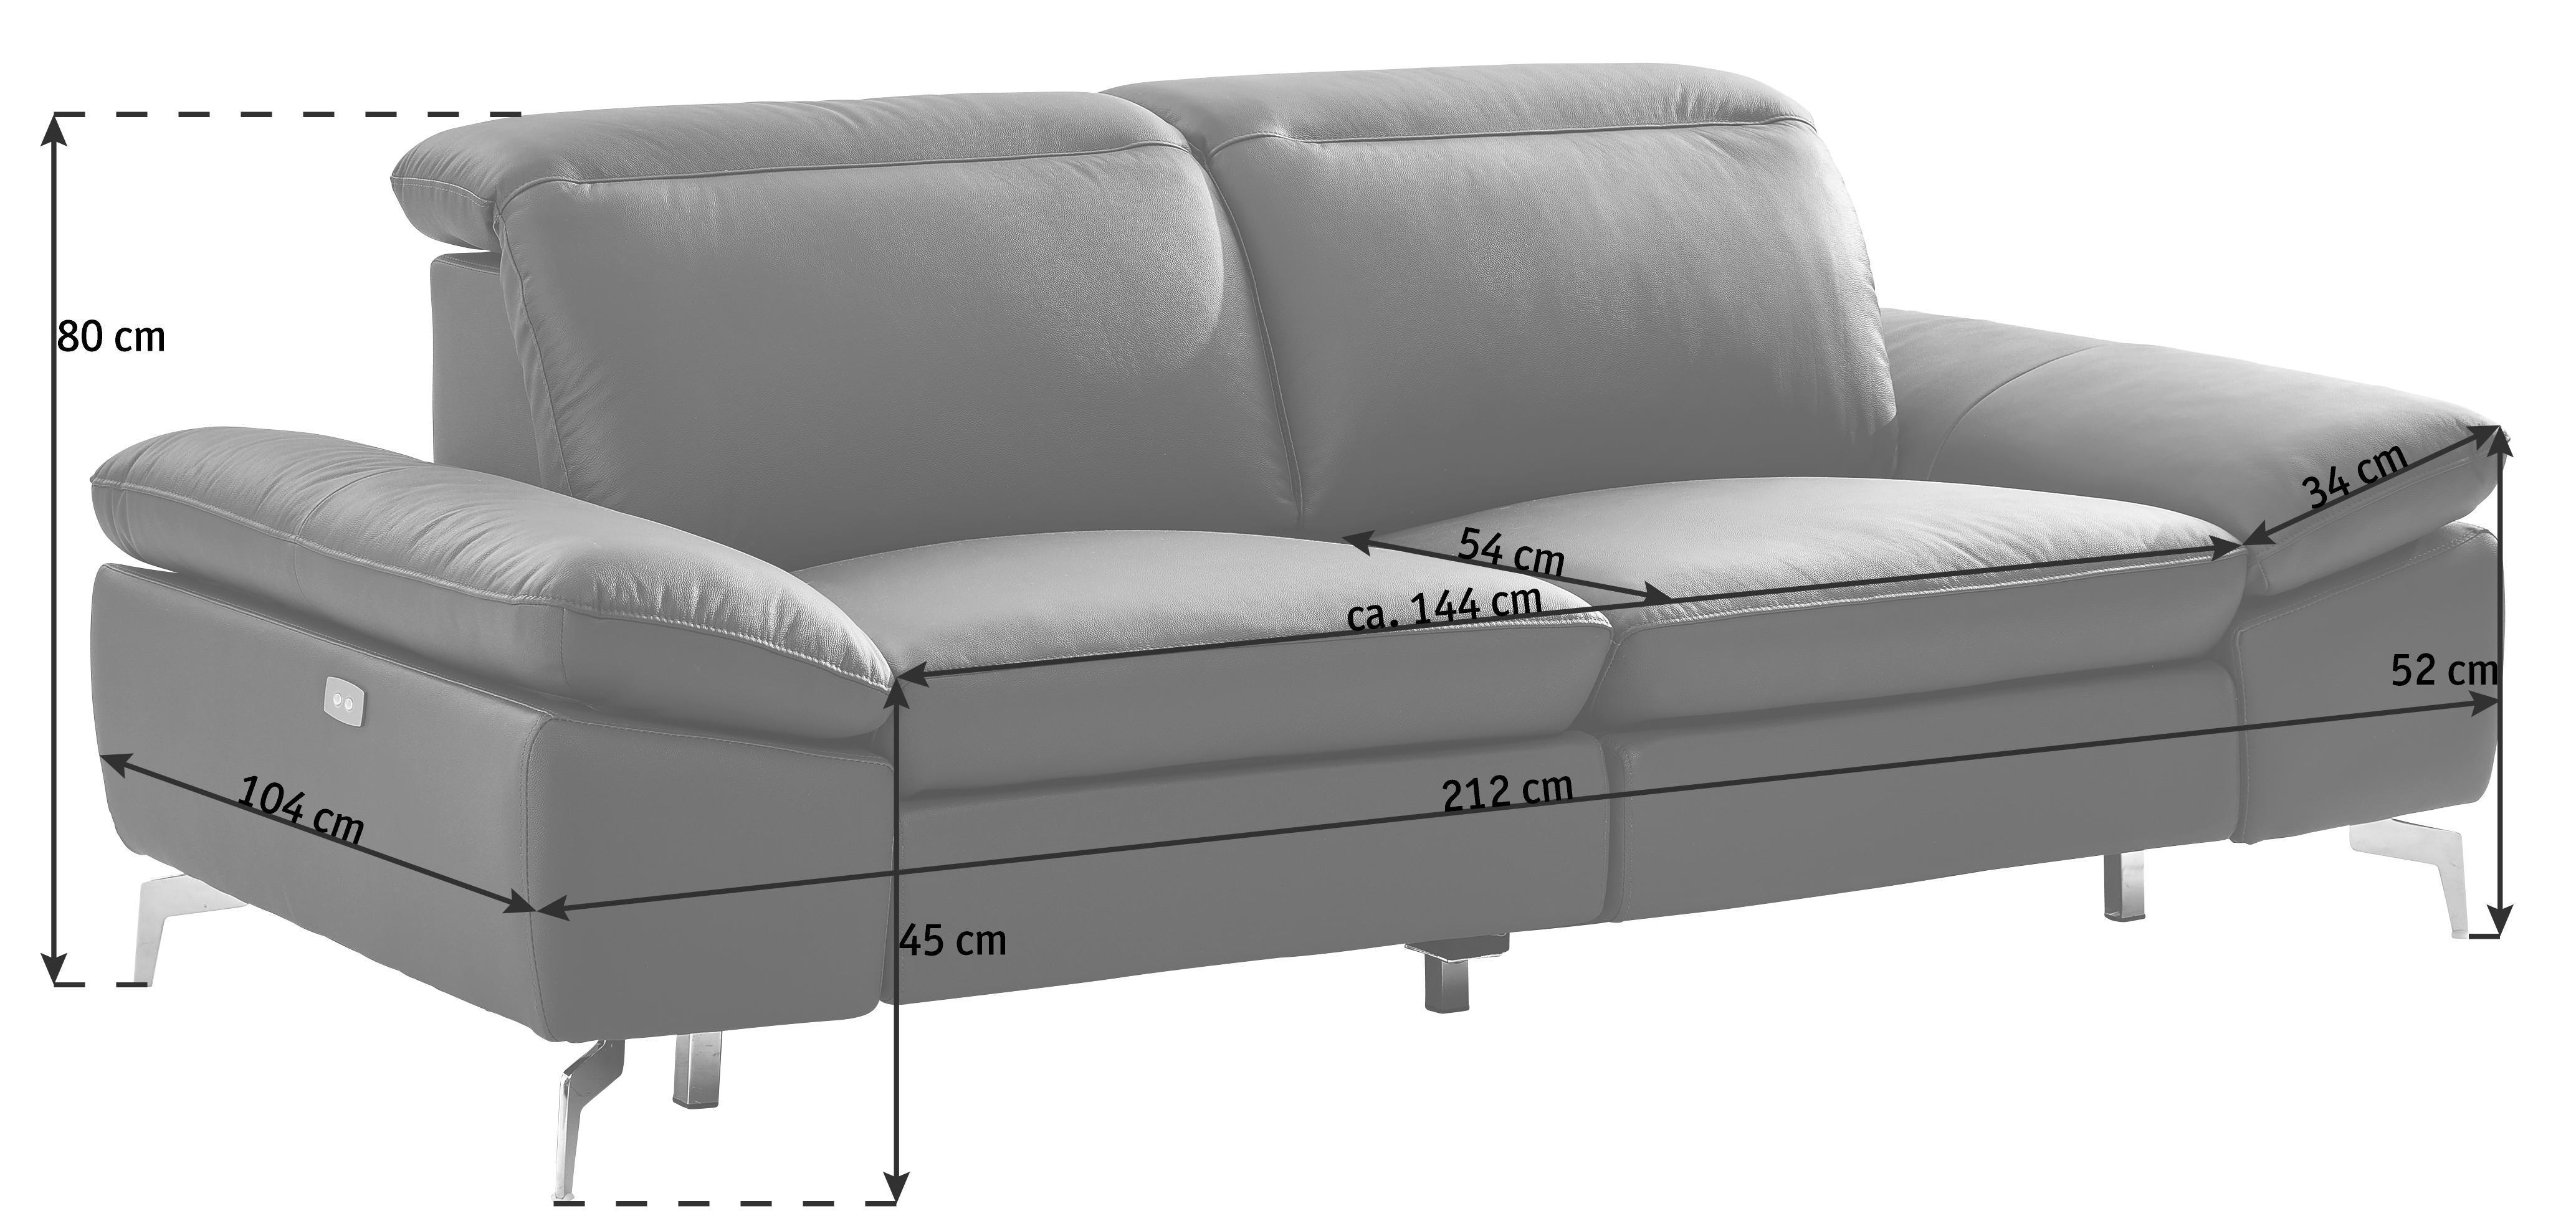 Sofas Fur Jeden Raum ǀ Viele Designs Grossen Bezuge Xxxlutz